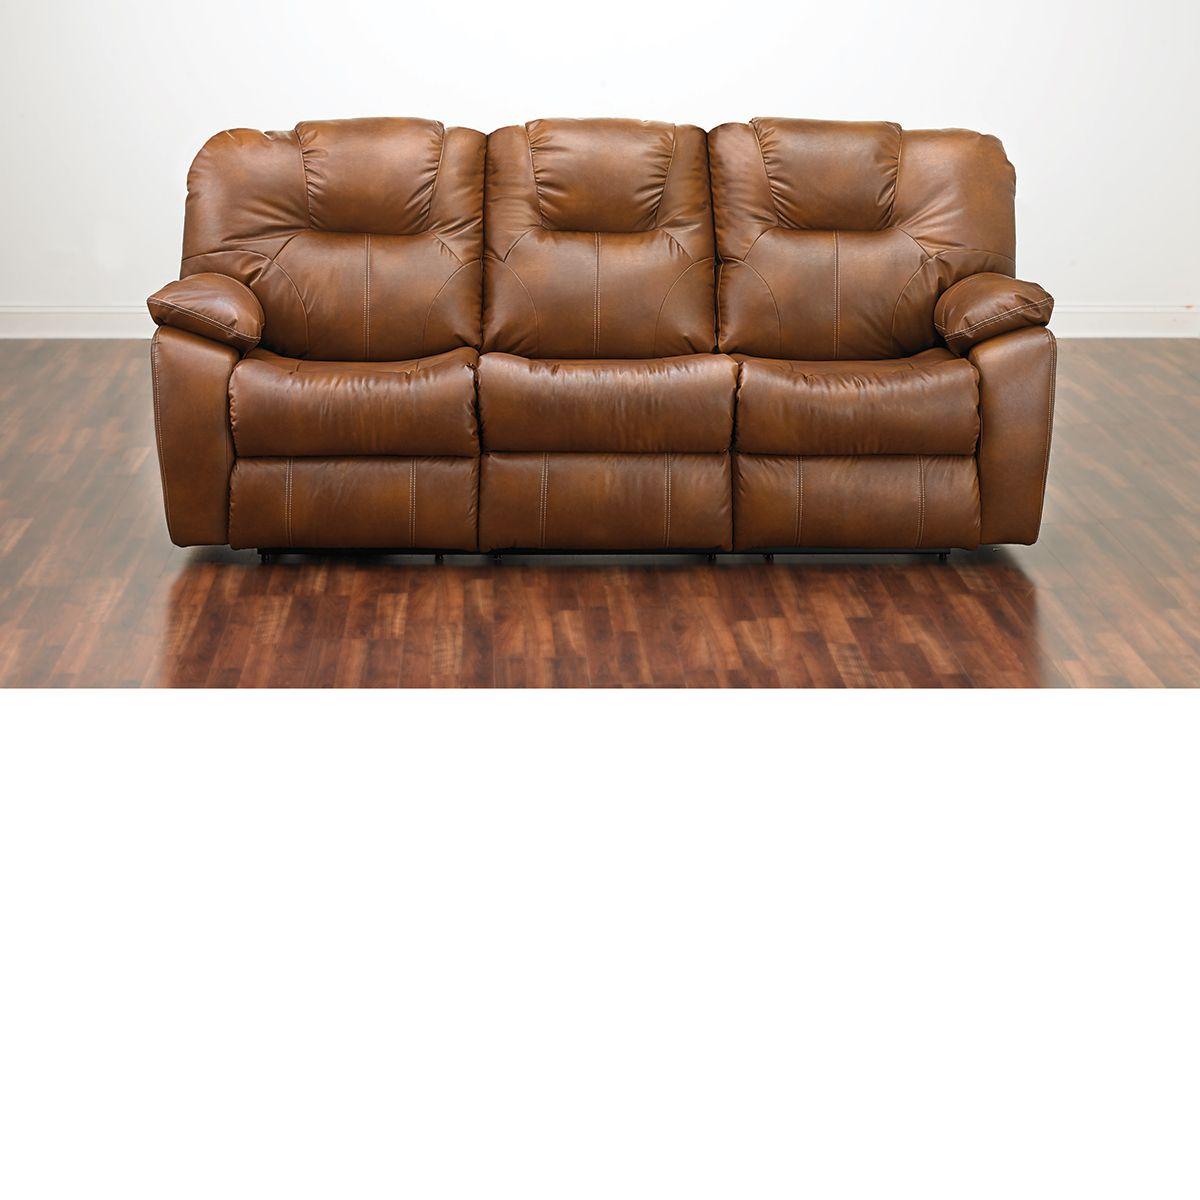 The Dump Furniture Cognac Reclining Sofa 599 Dump Furniture